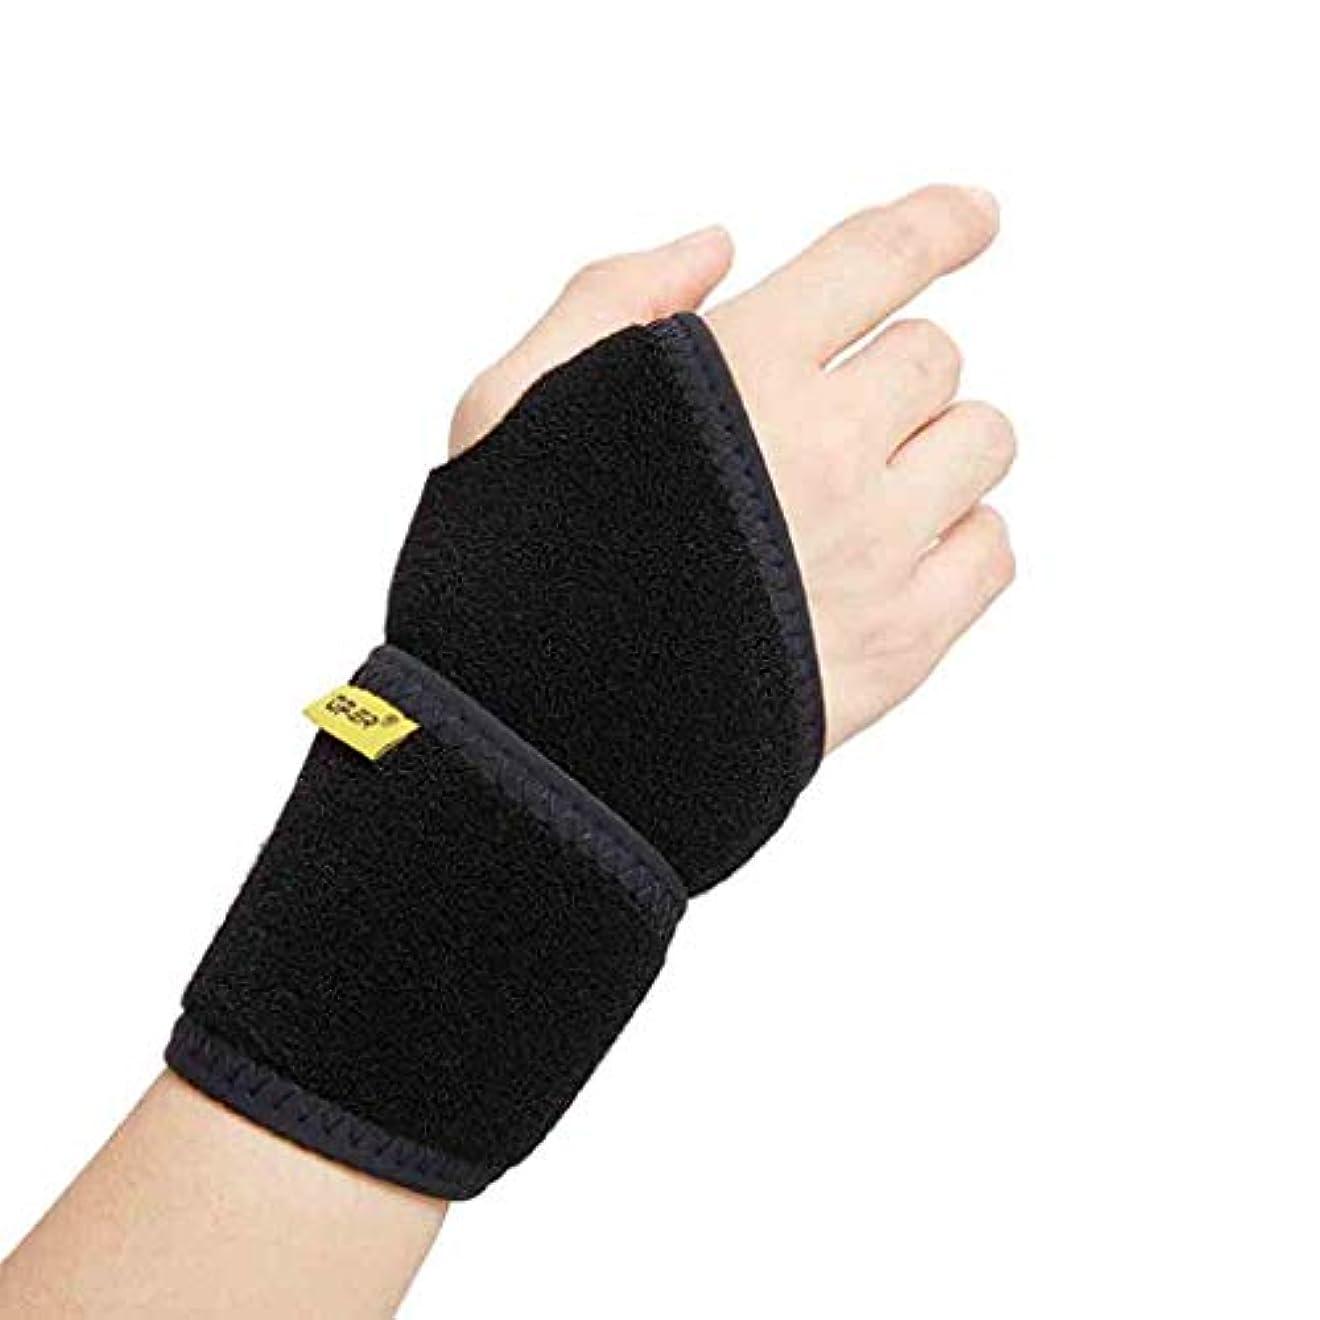 福祉ドル内部関節炎のためのThumbのスプリントは右手の手首サポート左手手根サポートを手根管トンネルの痛みを軽減するための男性と女性をトリガー Roscloud@